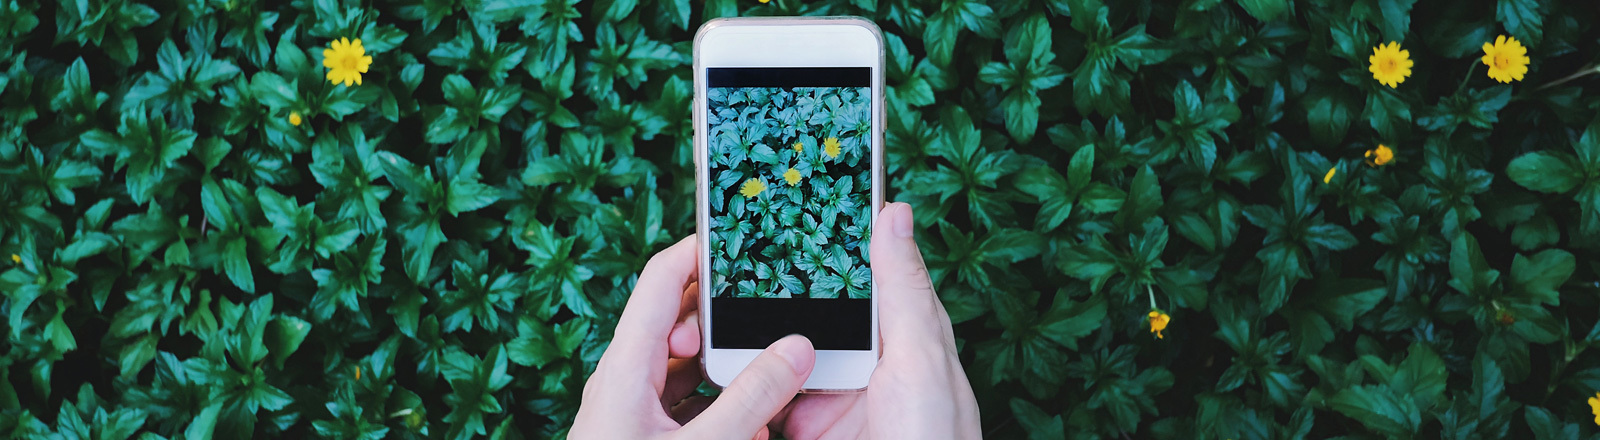 Zwei Hände halten ein Smartphone vor Blumen. Auf dem Handy-Display ist die Wiese zu sehen.